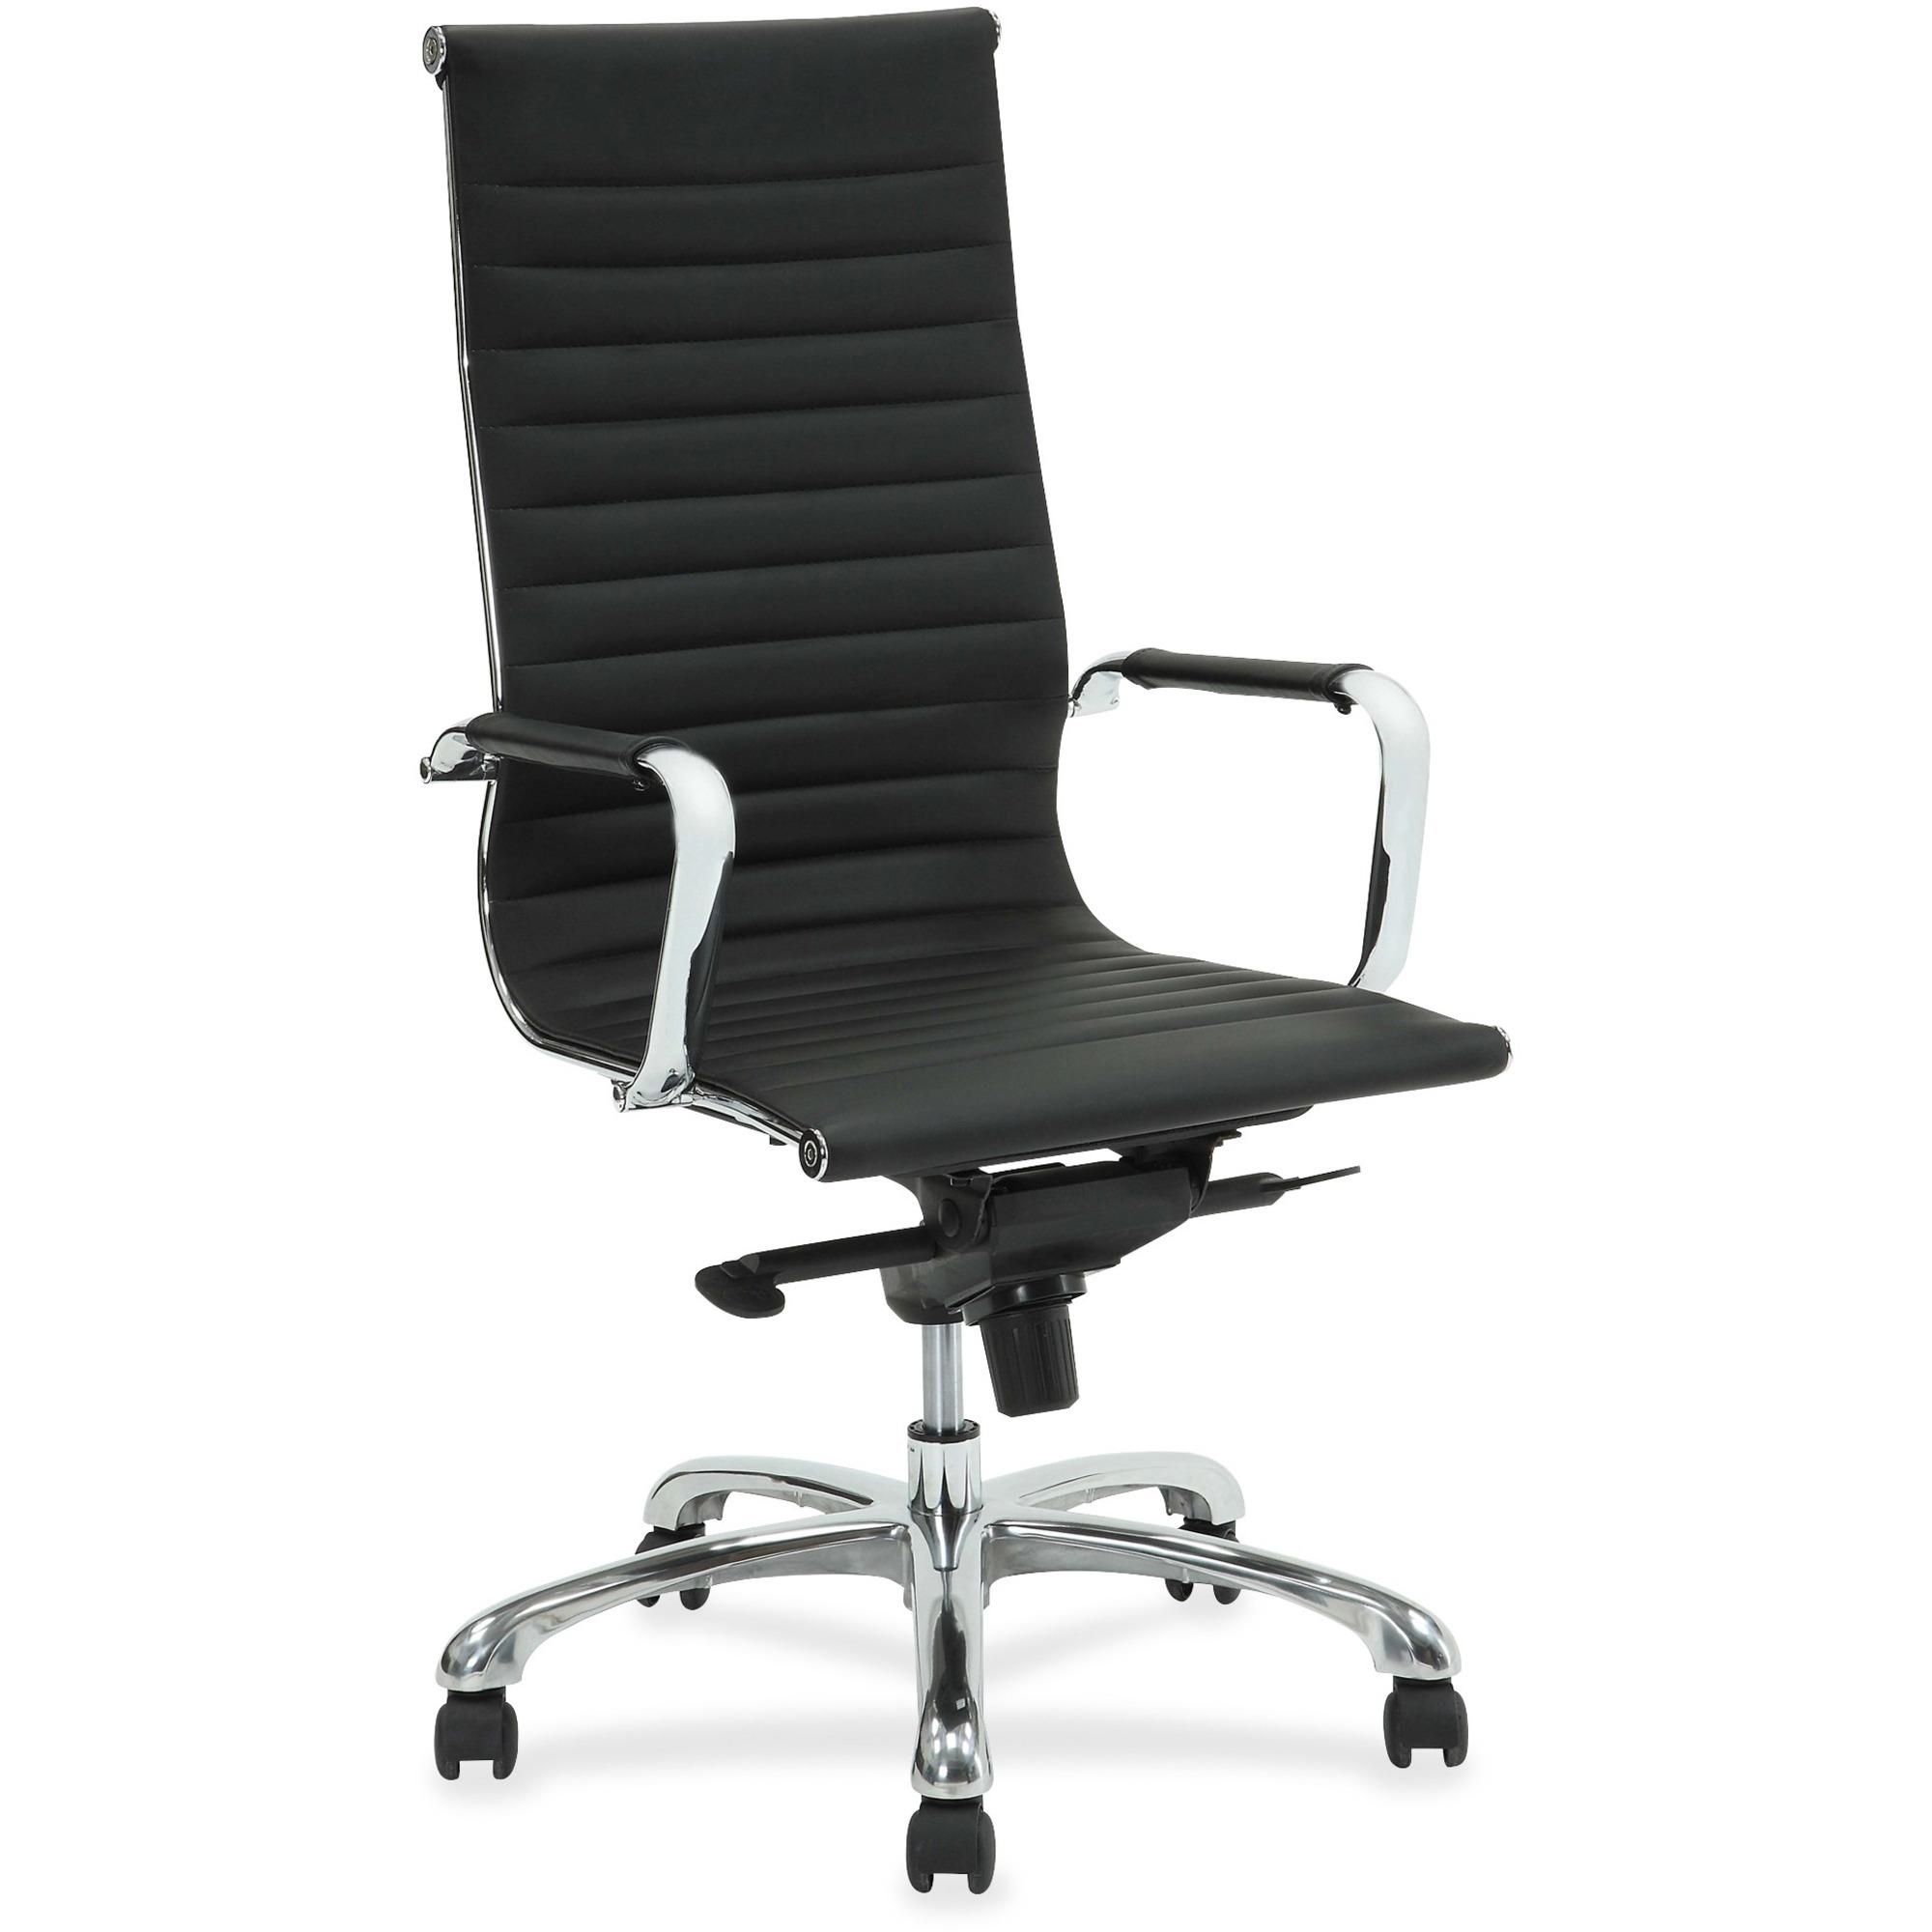 lorell chair mat reviews. llr59537 lorell chair mat reviews